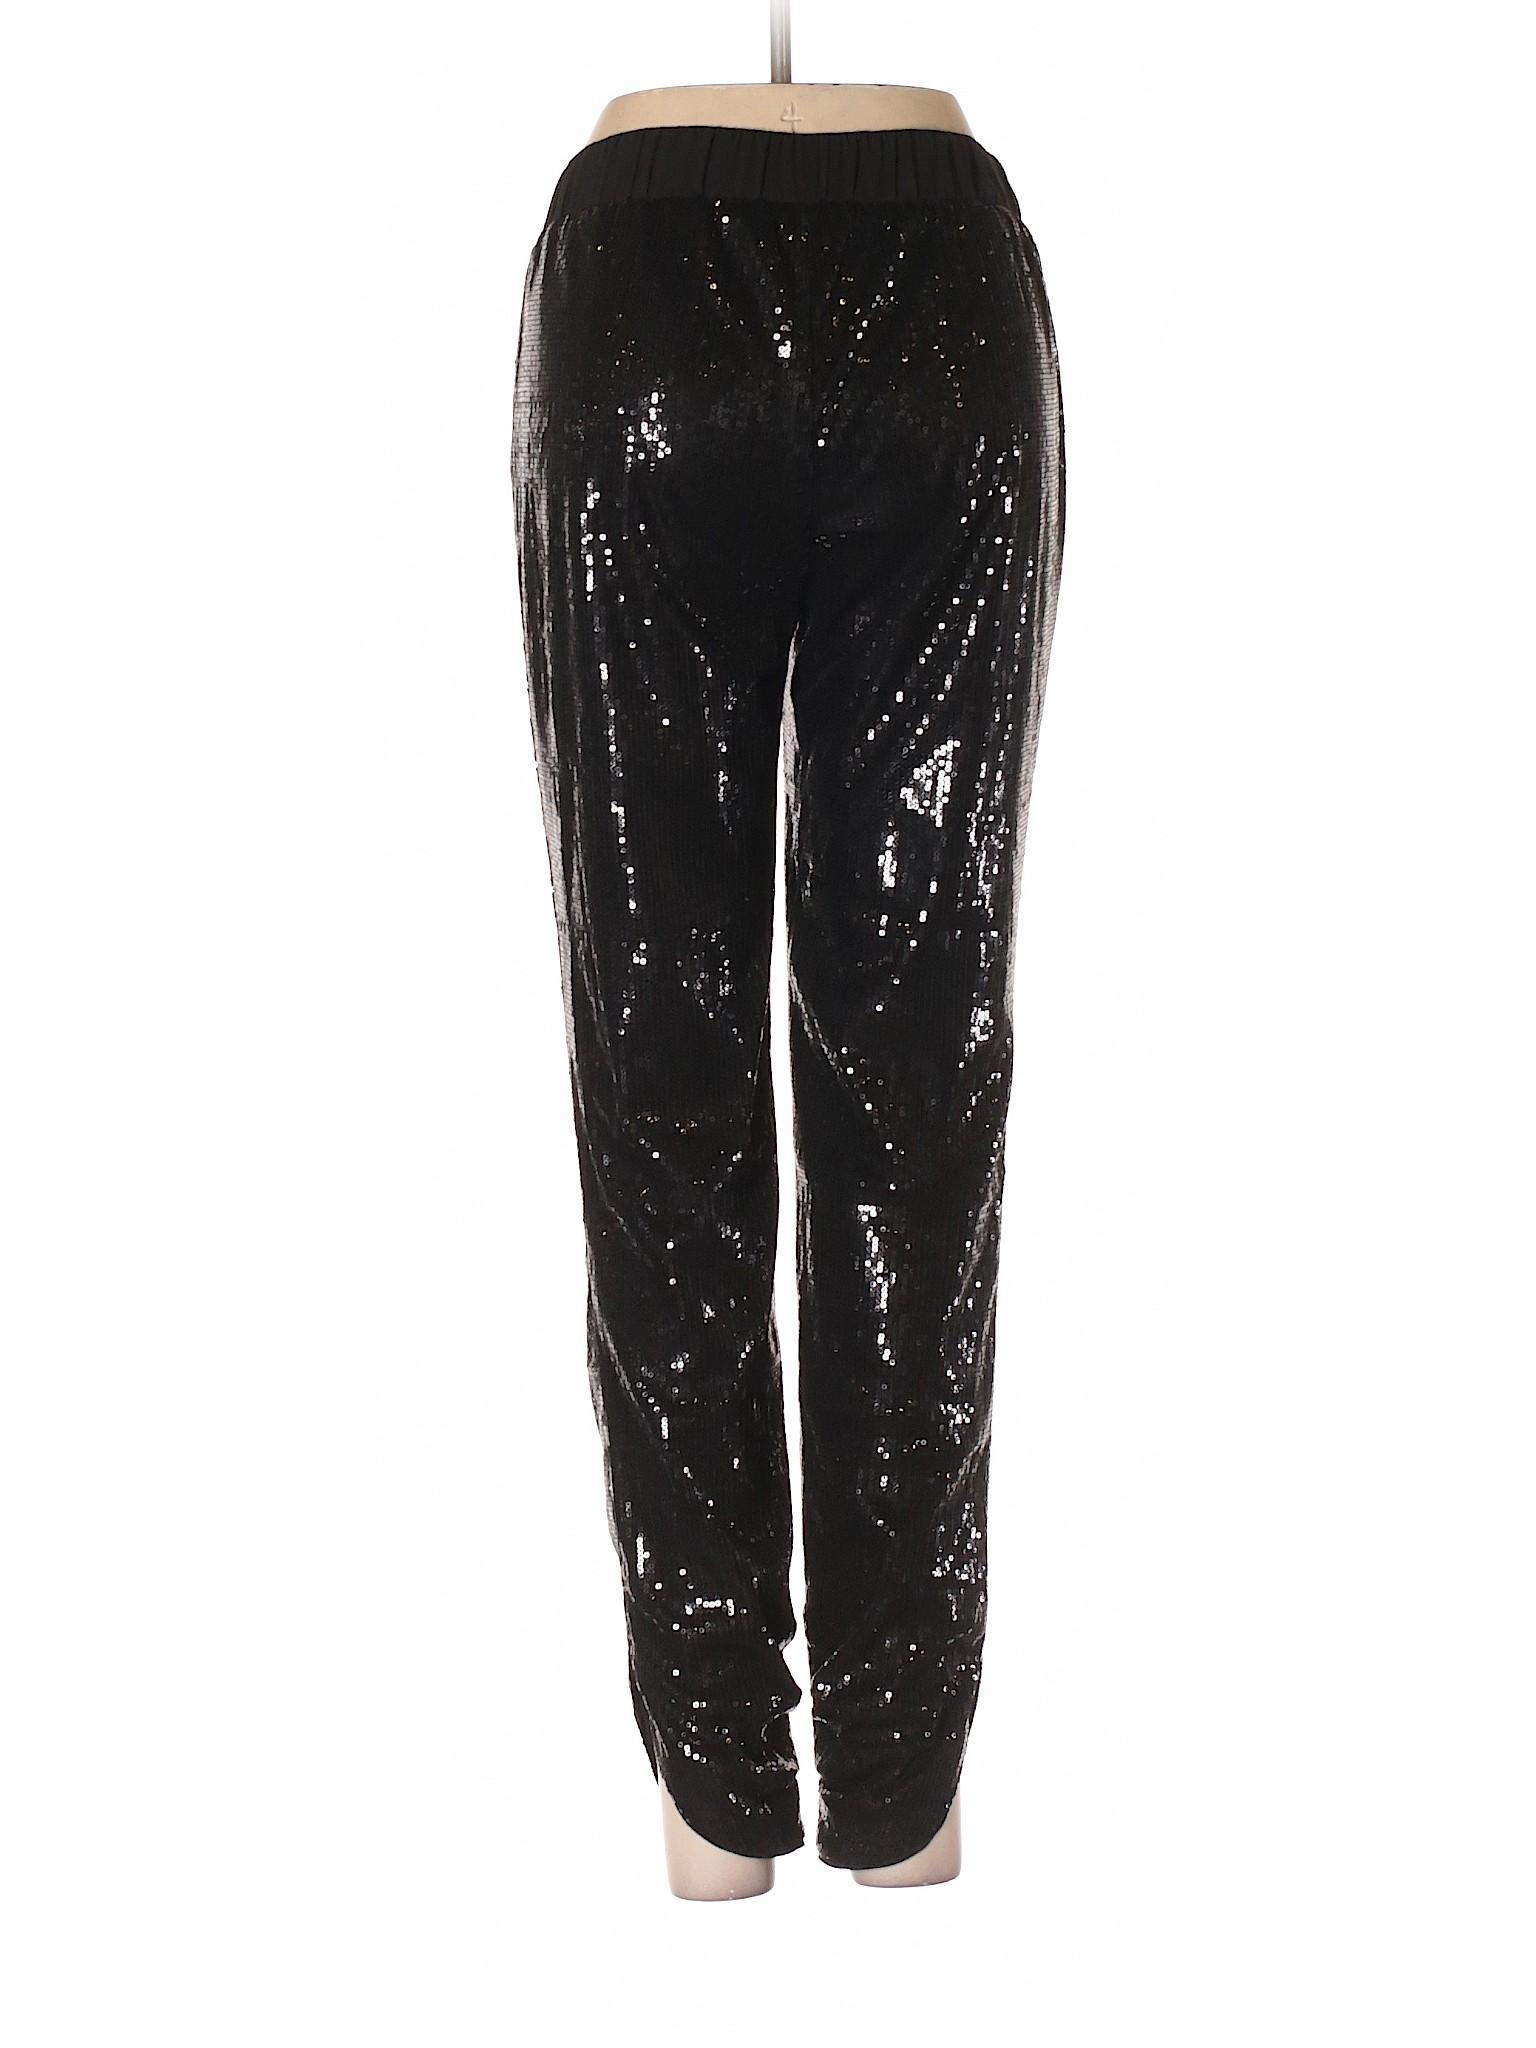 House Market Pants Black White Casual Boutique leisure EwqPIY4